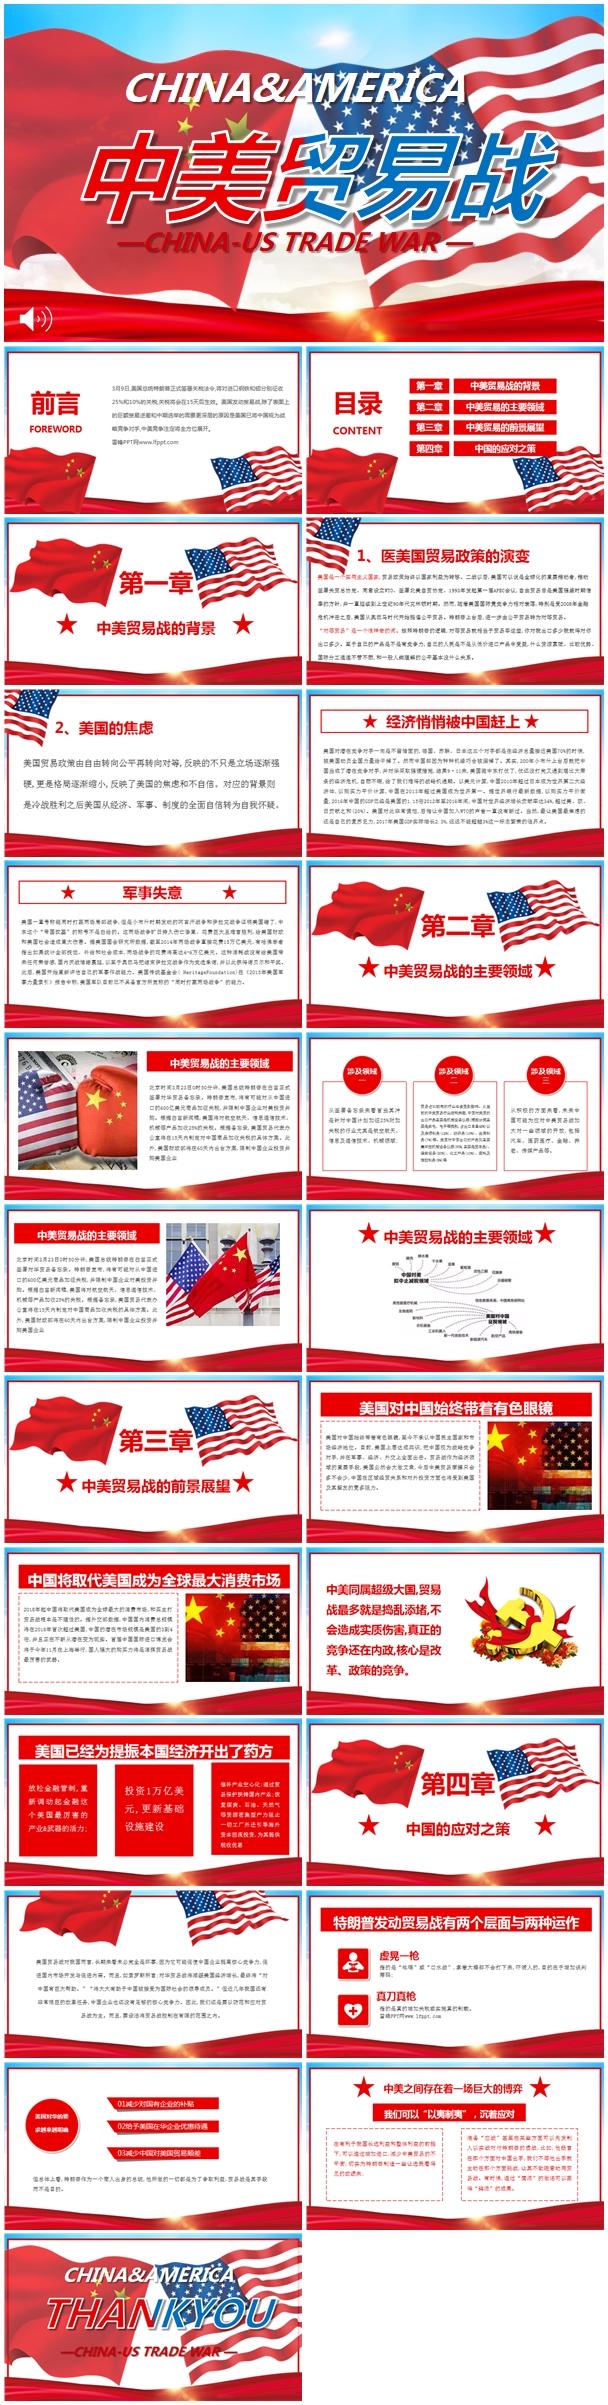 中美贸易战PPT模板